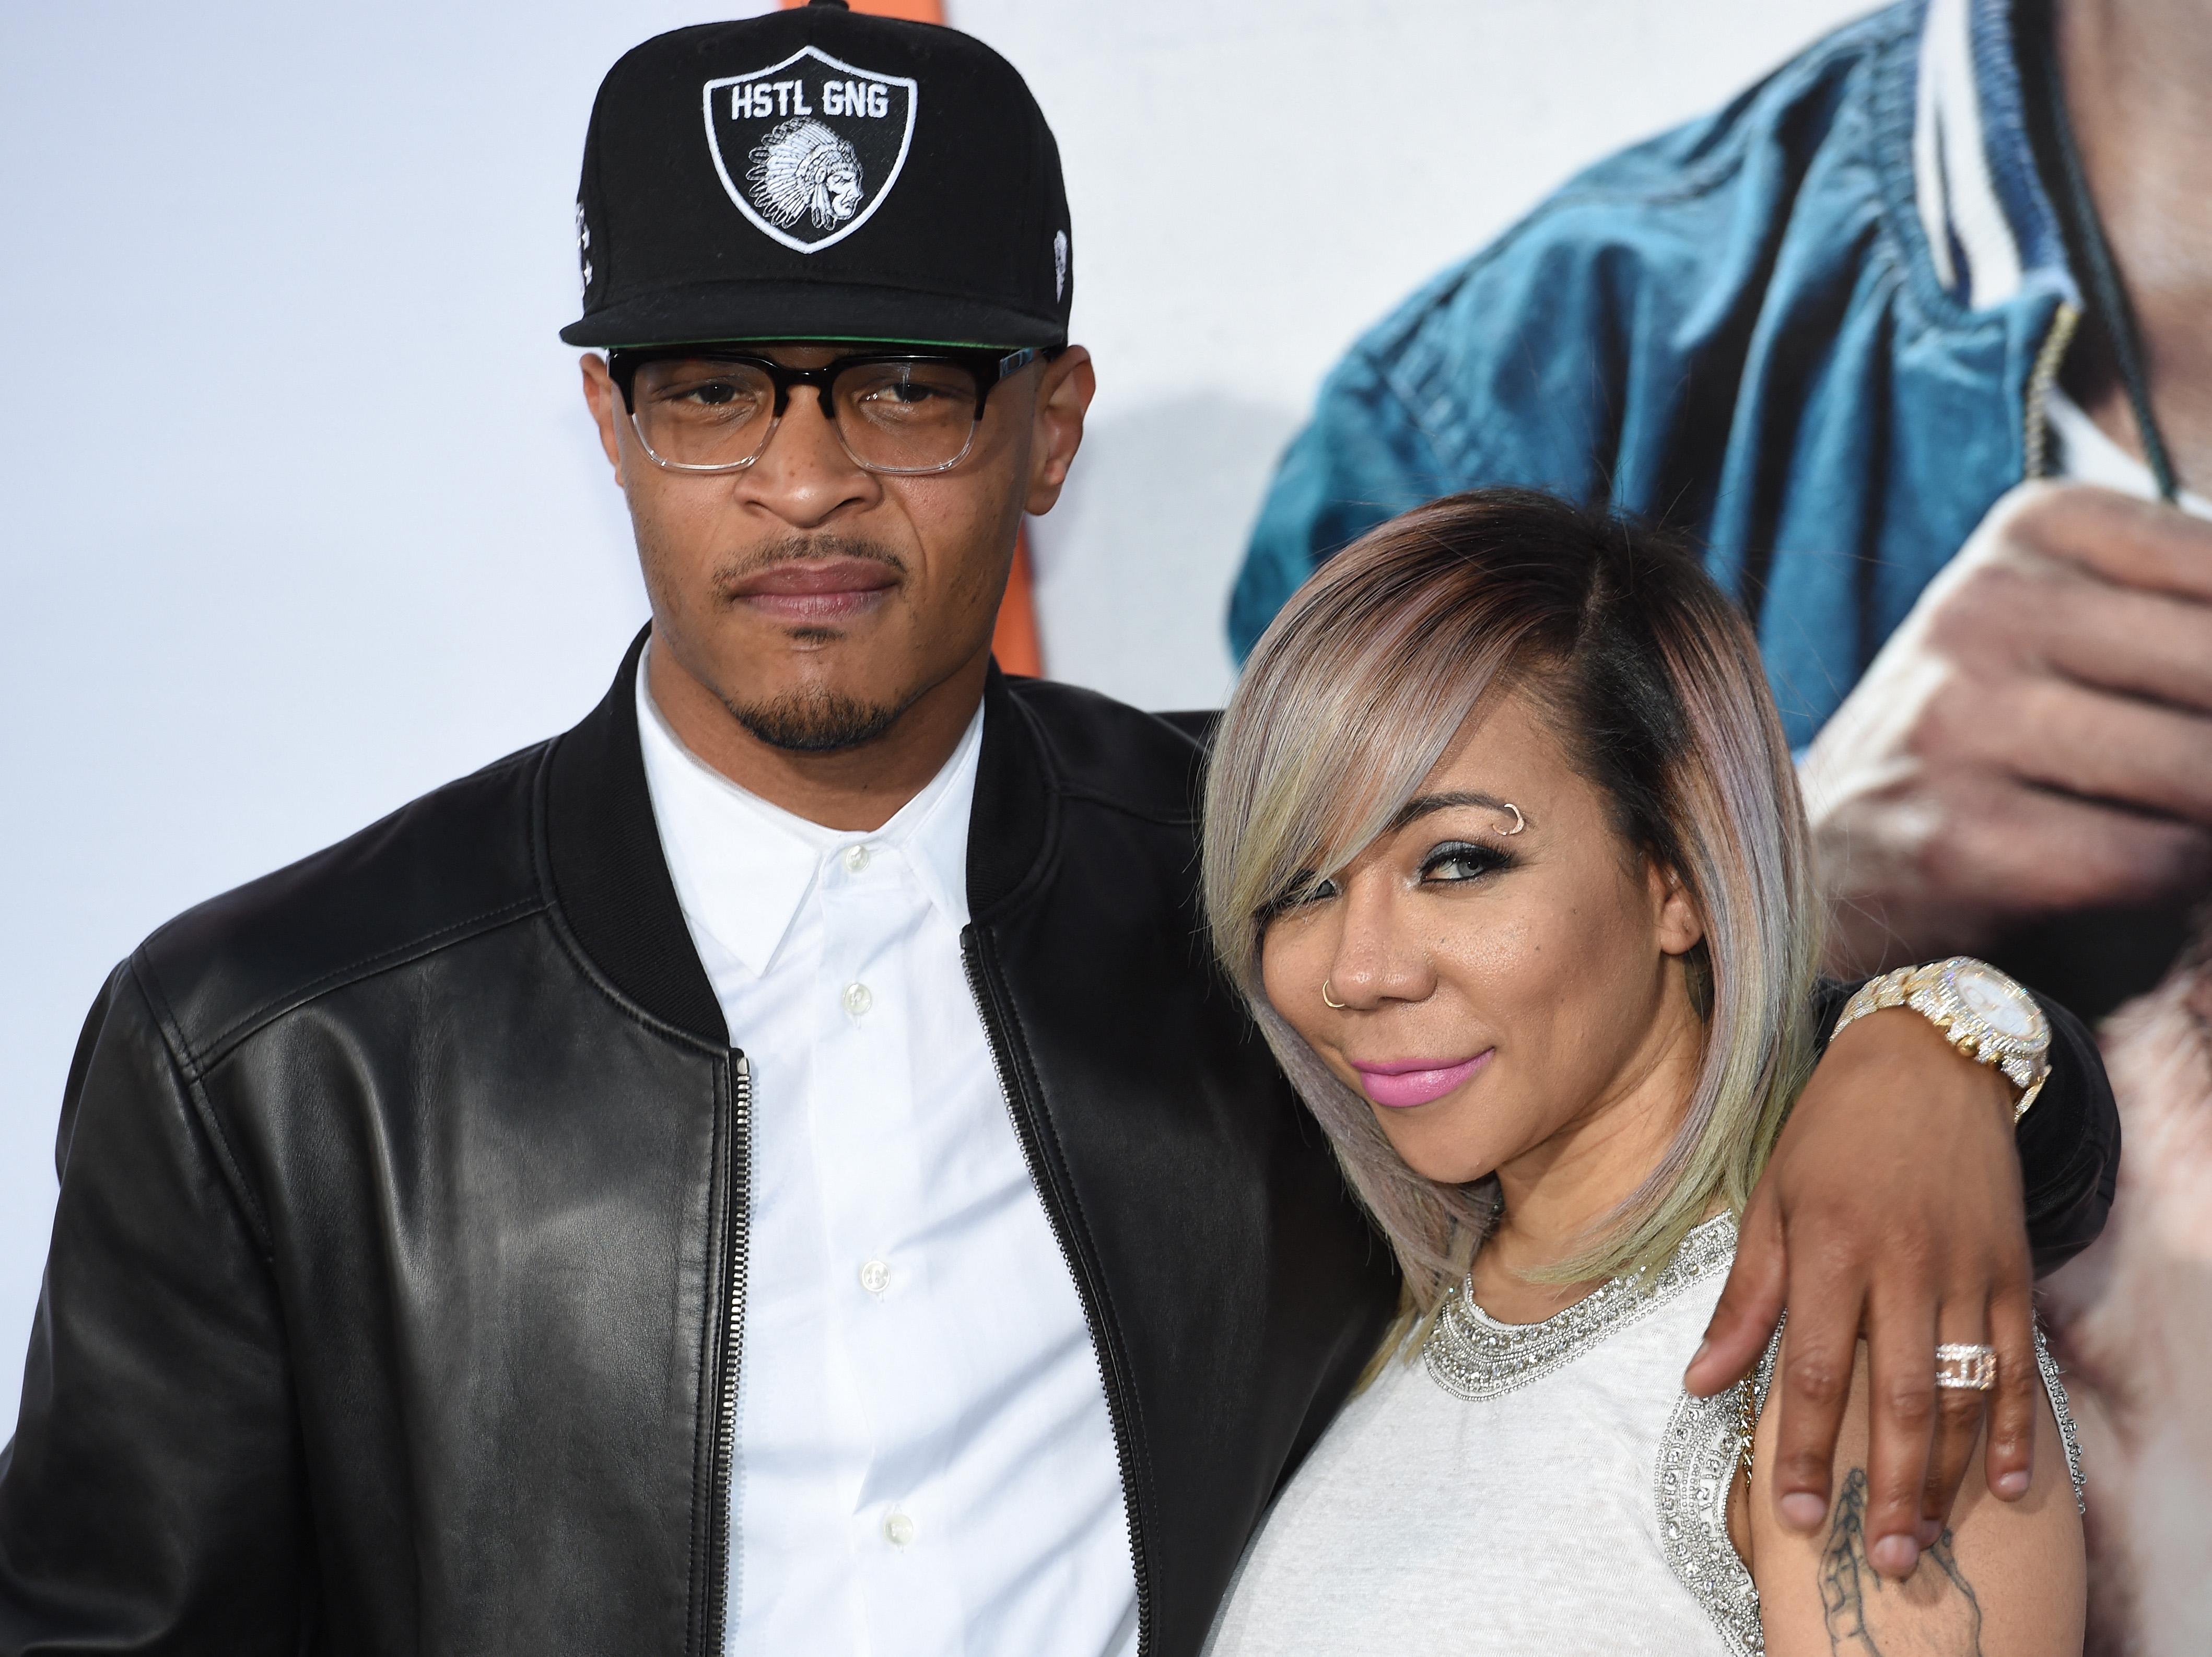 A lánya szűzhártyája miatt aggódó rapper T.I.-t és feleségét több nő is durva szexuális erőszakkal vádolja